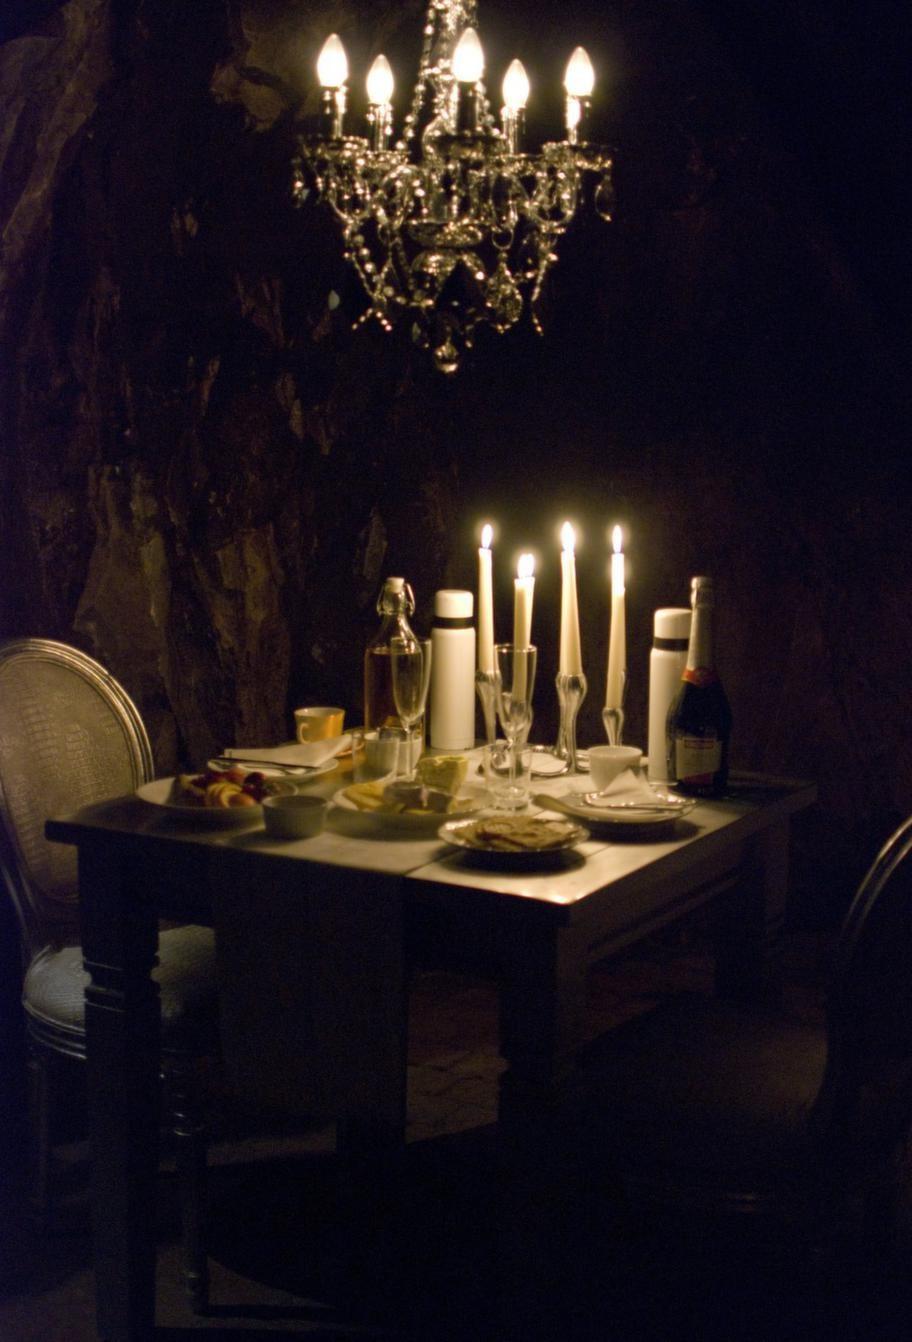 I sviten är ett bord uppdukat med ost, kex, vin, frukt och choklad.